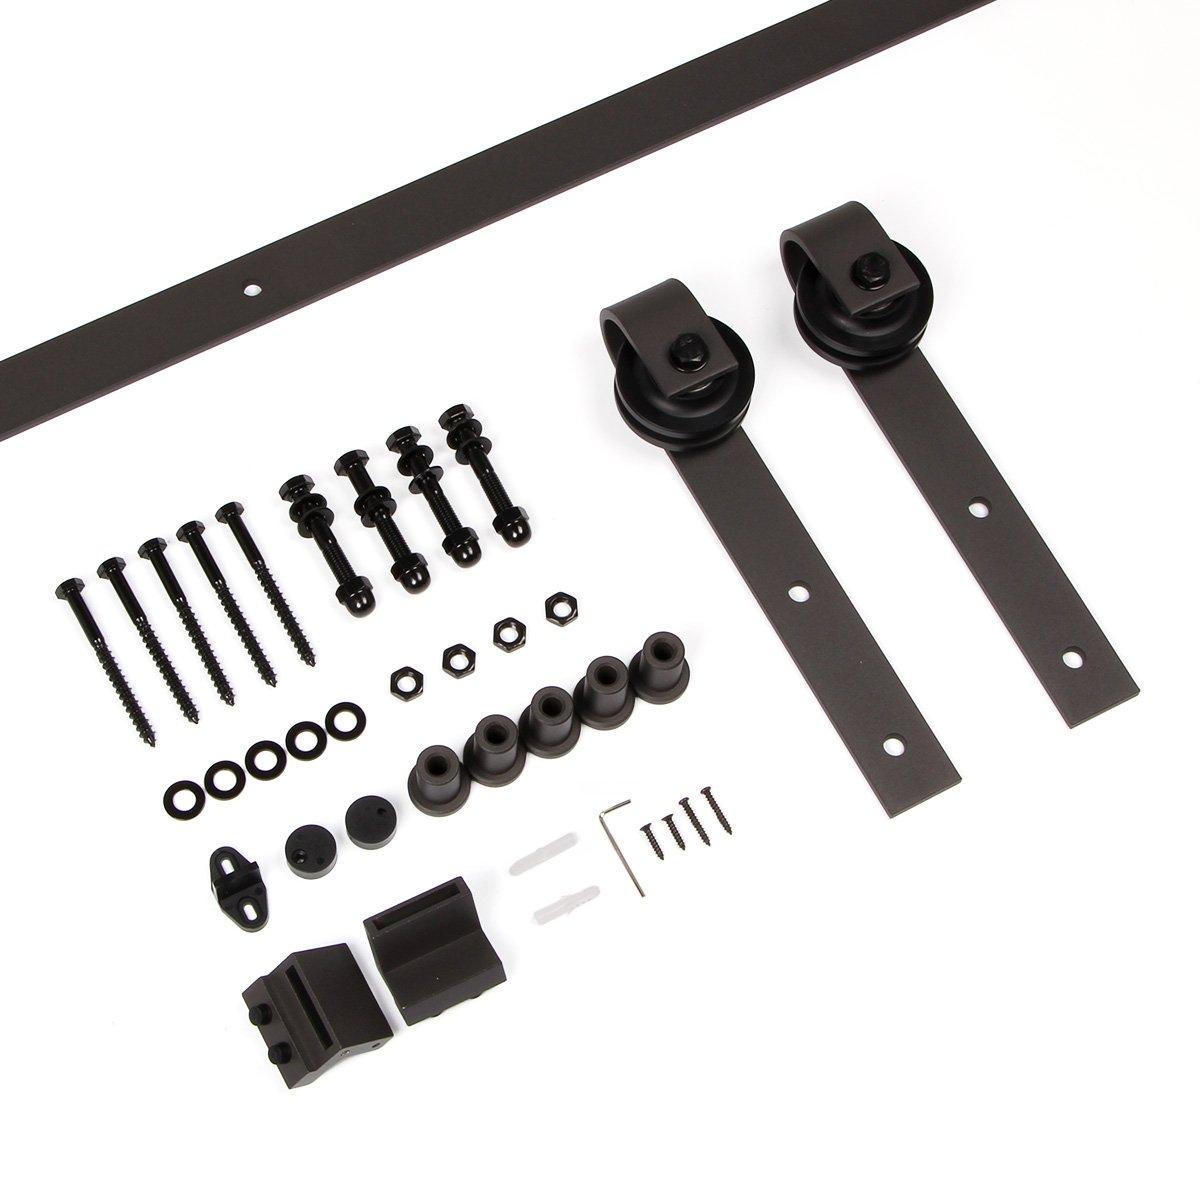 decors-a 6.6 ft Classic deslizante Granero Puertas Hardware de acero color marrón oscuro – Puerta Corredera de madera hardware Track Kit: Amazon.es: Bricolaje y herramientas